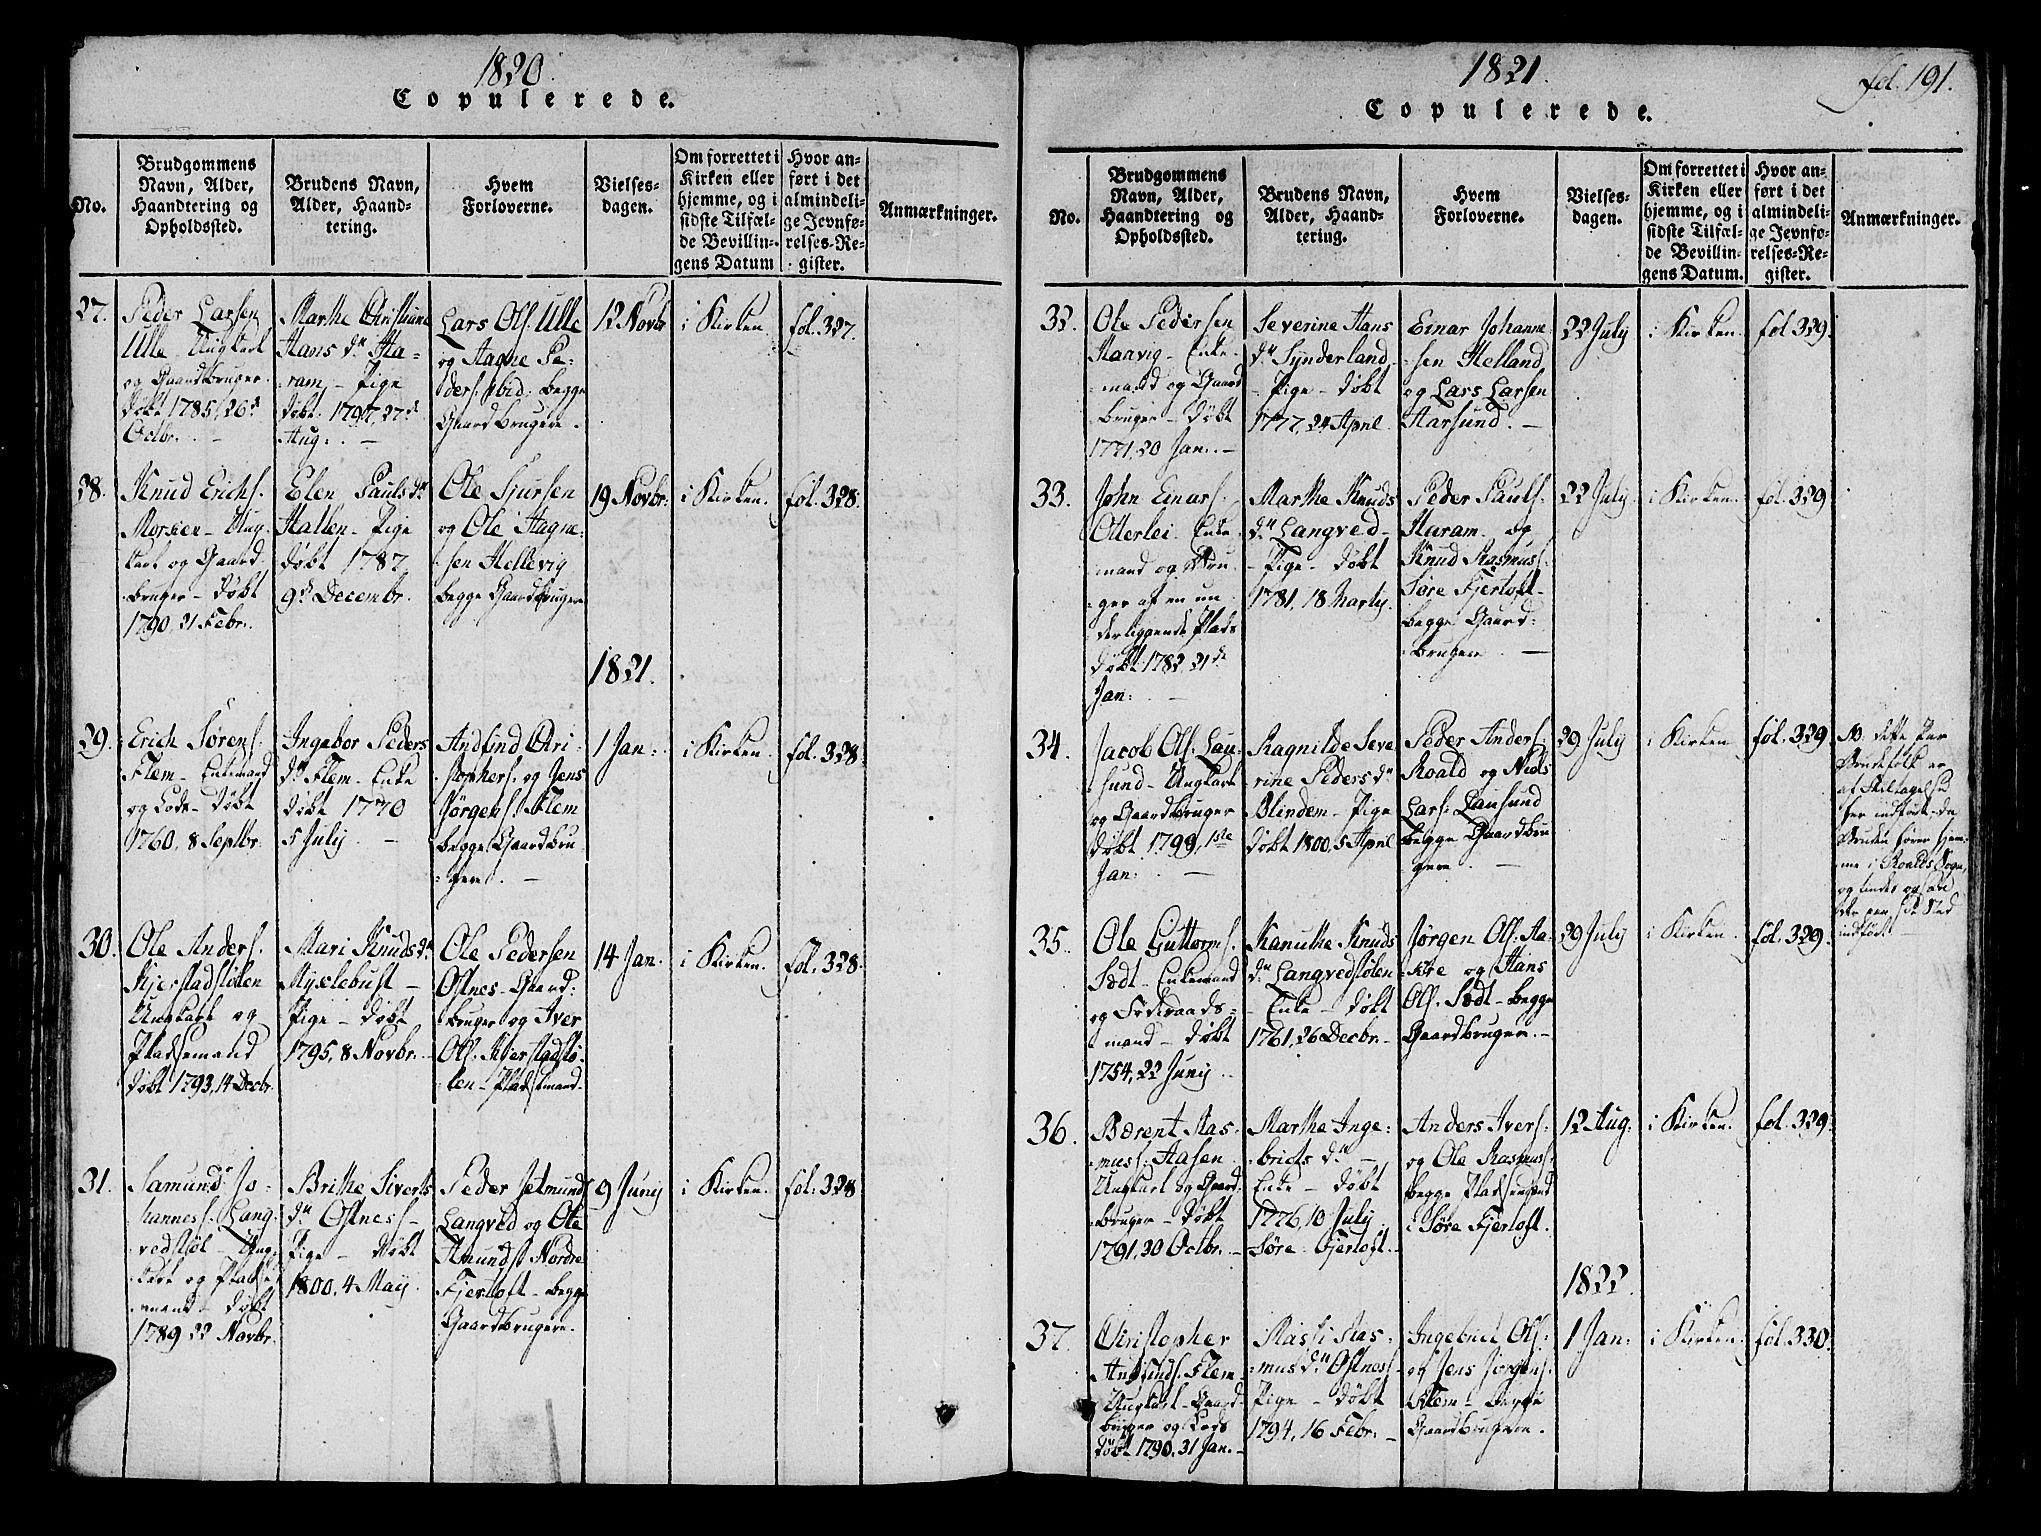 SAT, Ministerialprotokoller, klokkerbøker og fødselsregistre - Møre og Romsdal, 536/L0495: Ministerialbok nr. 536A04, 1818-1847, s. 191